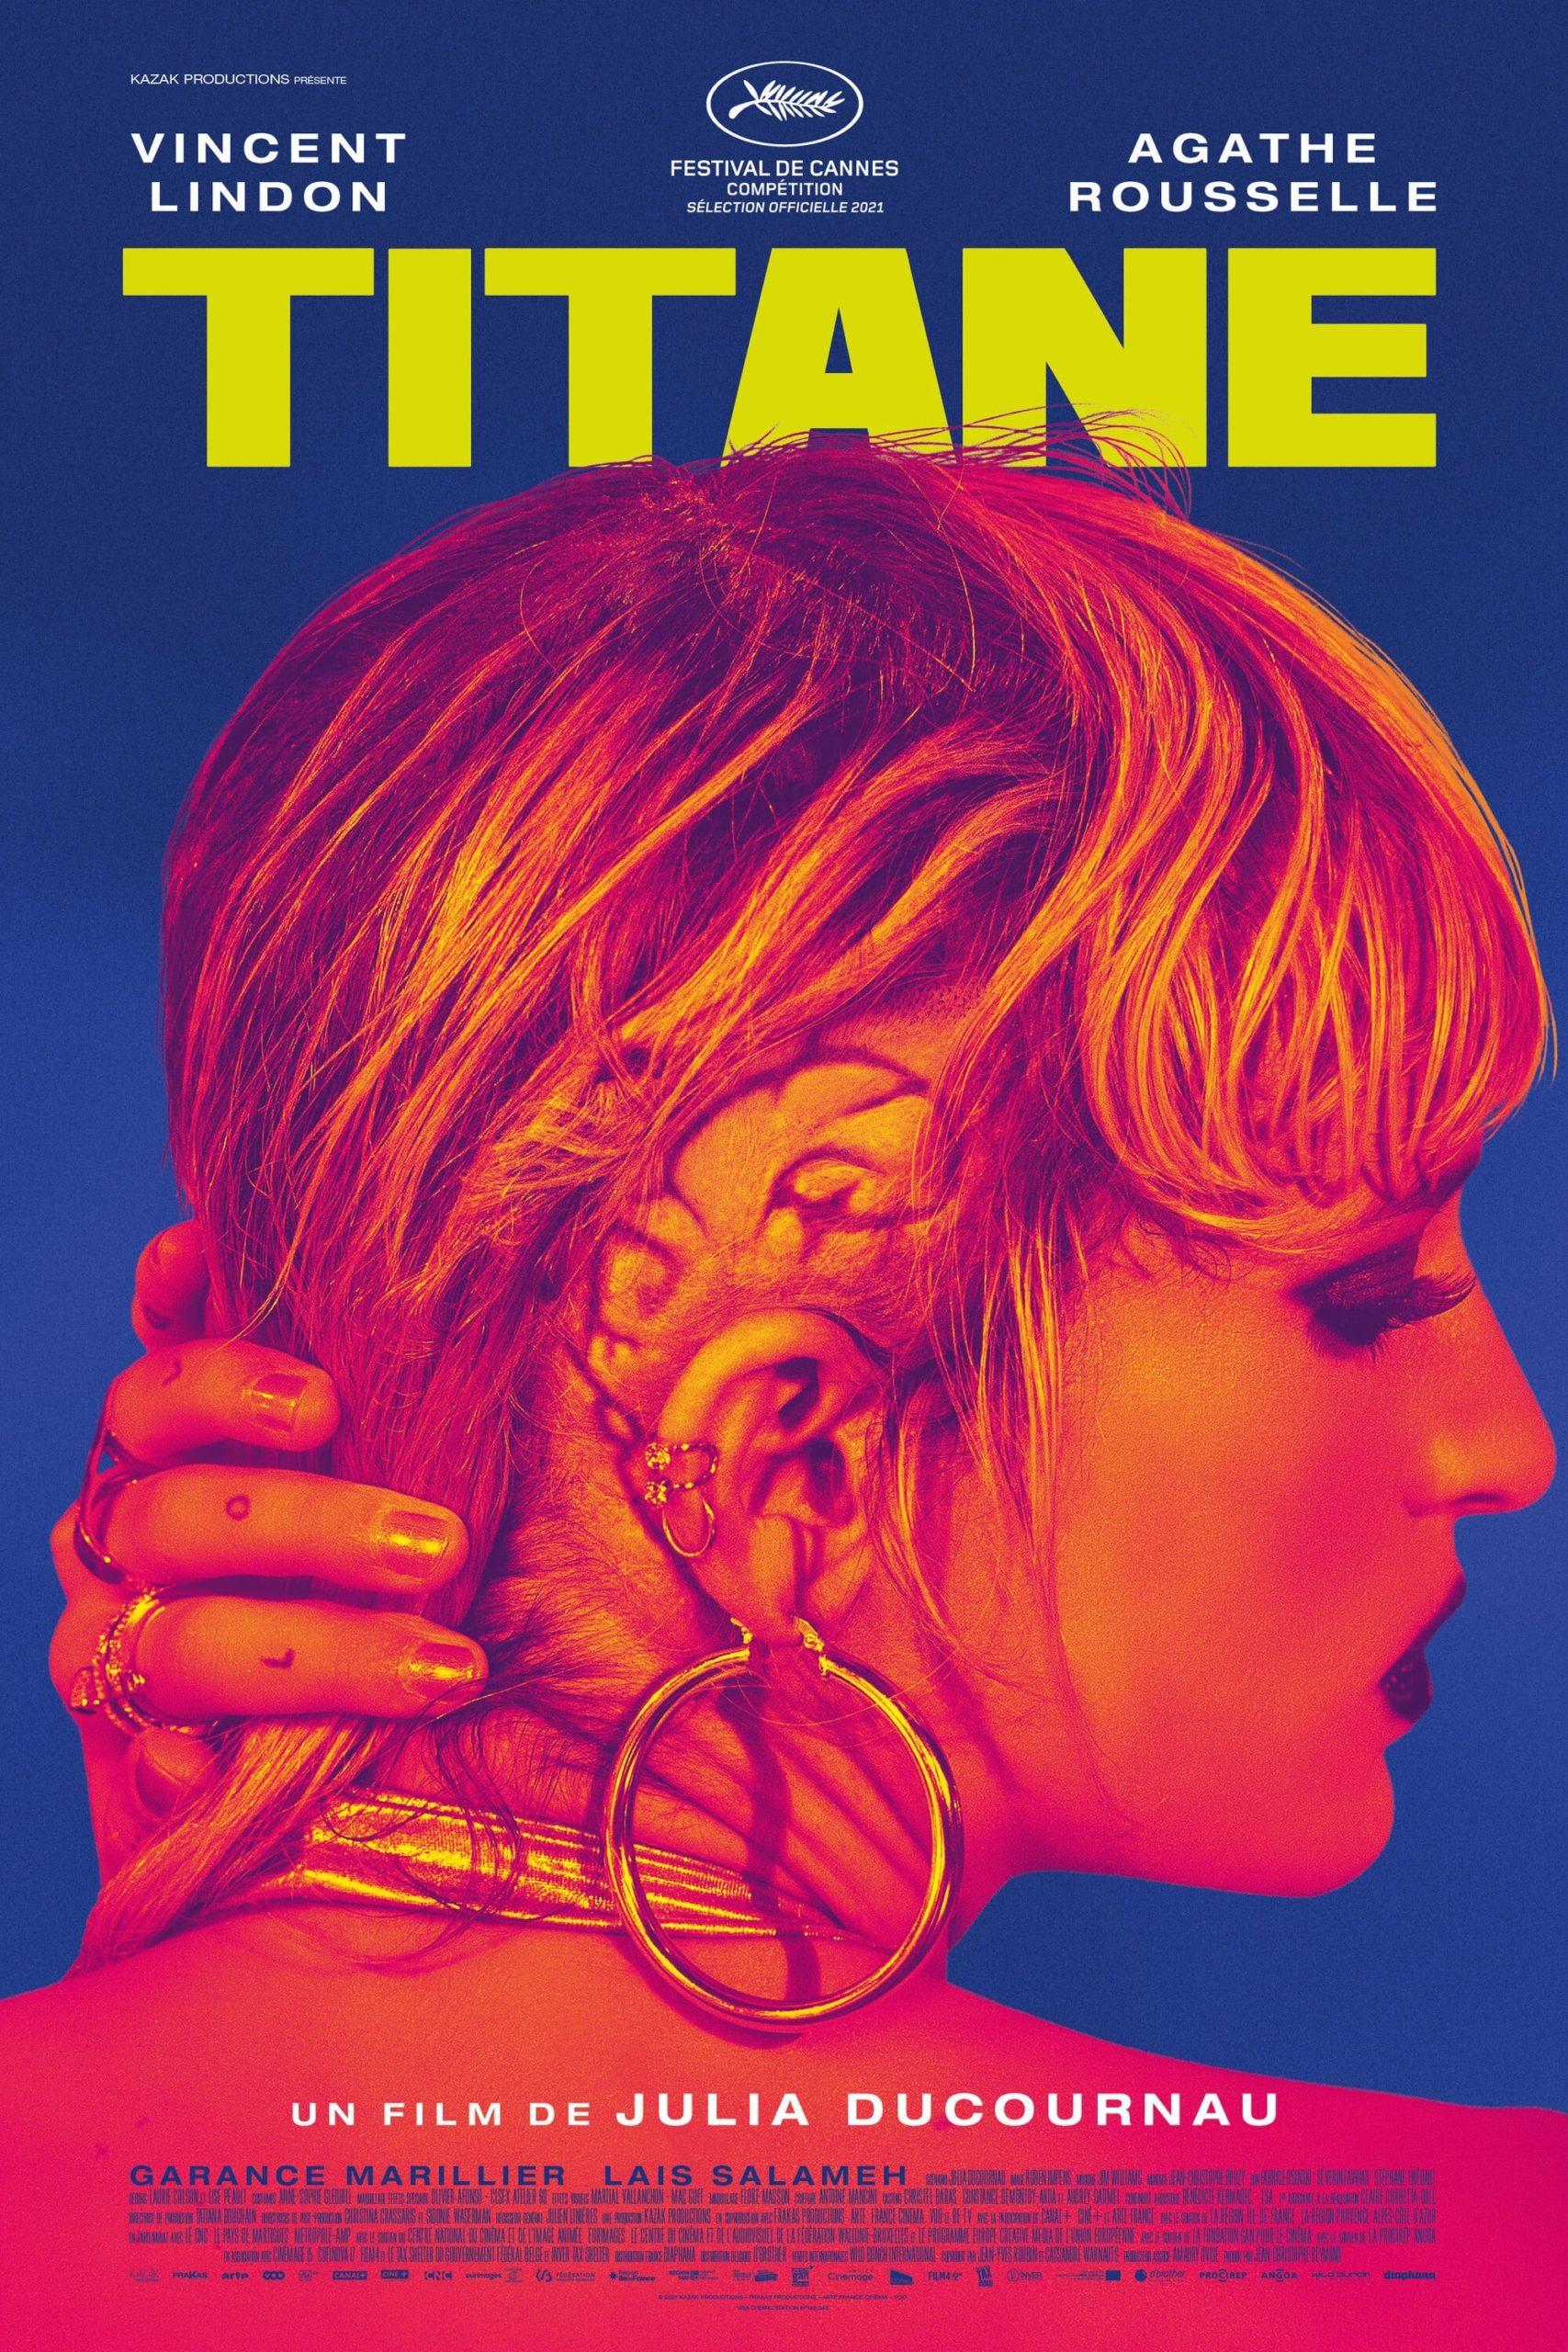 Titane poster